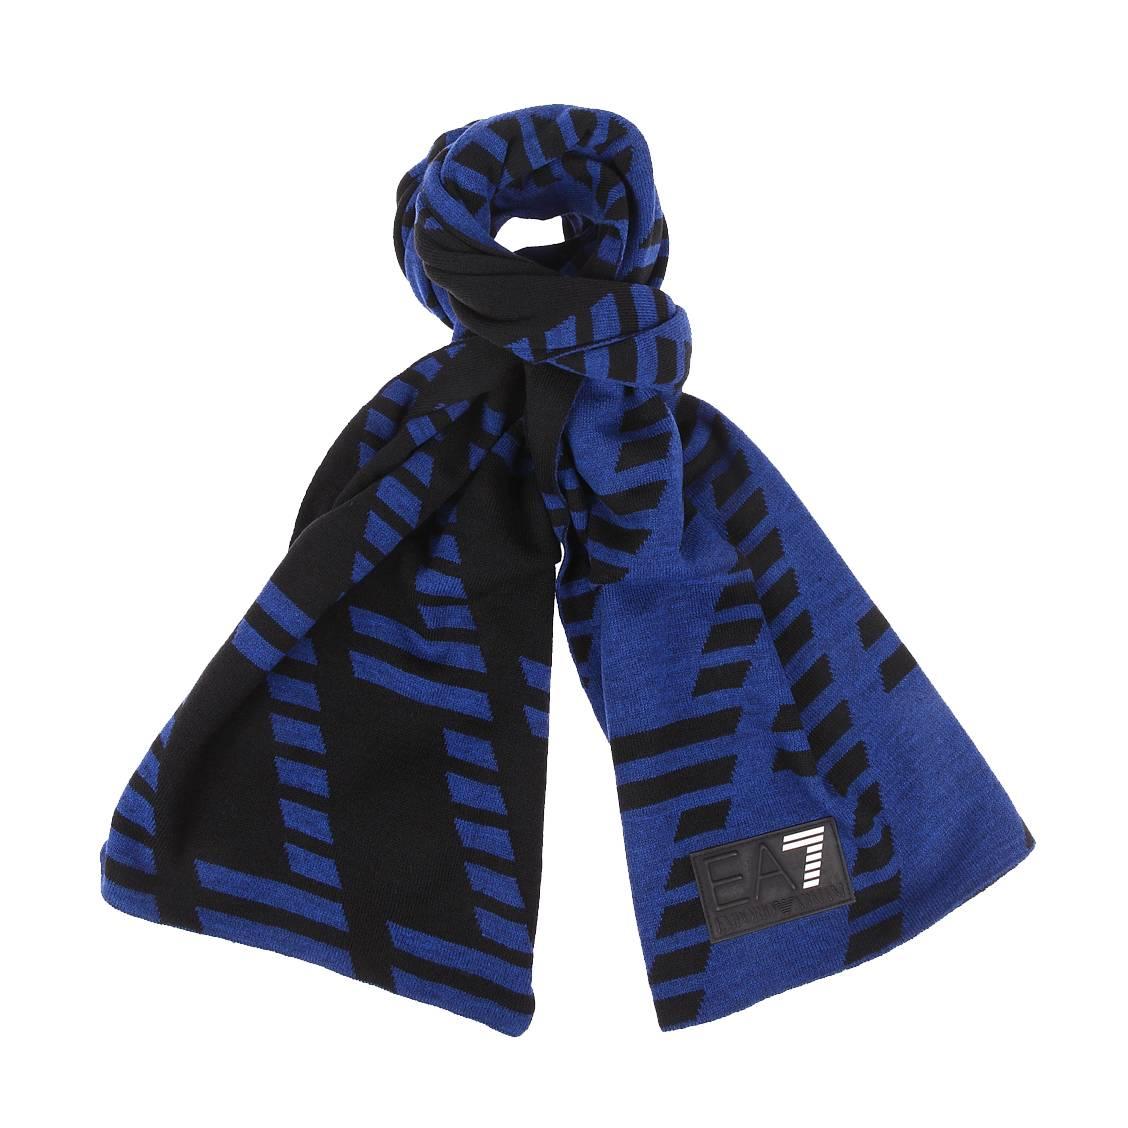 Echarpe réversible  bleu électrique et noire, monogrammée de \